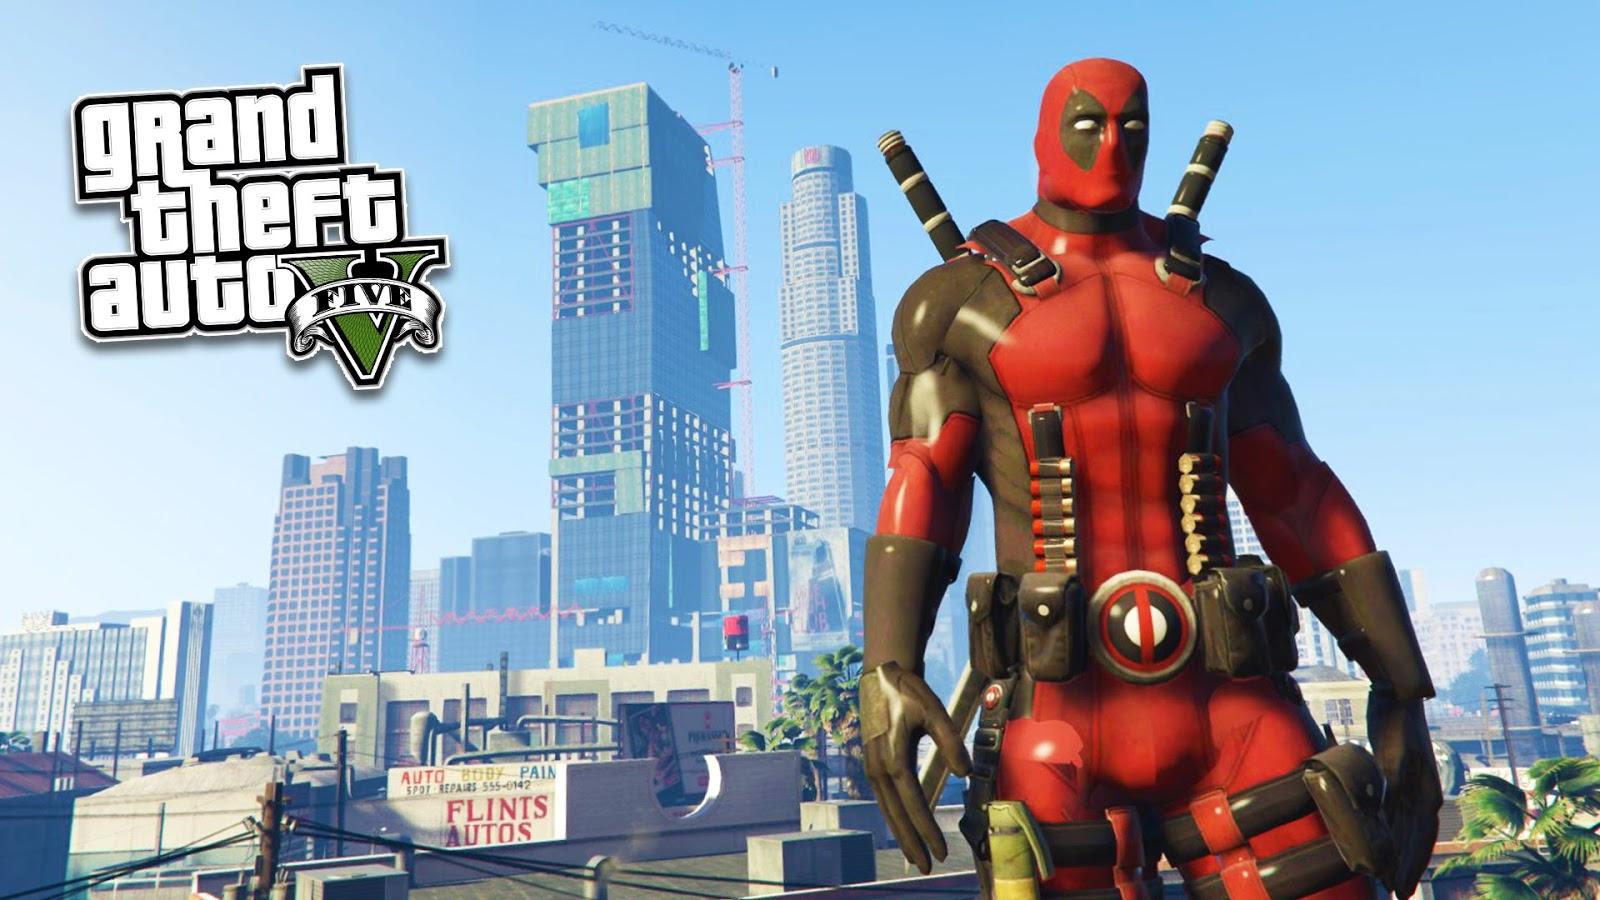 Mã Lệnh Game GTA 5 (Grand Theft Auto V) đầy đủ nhất